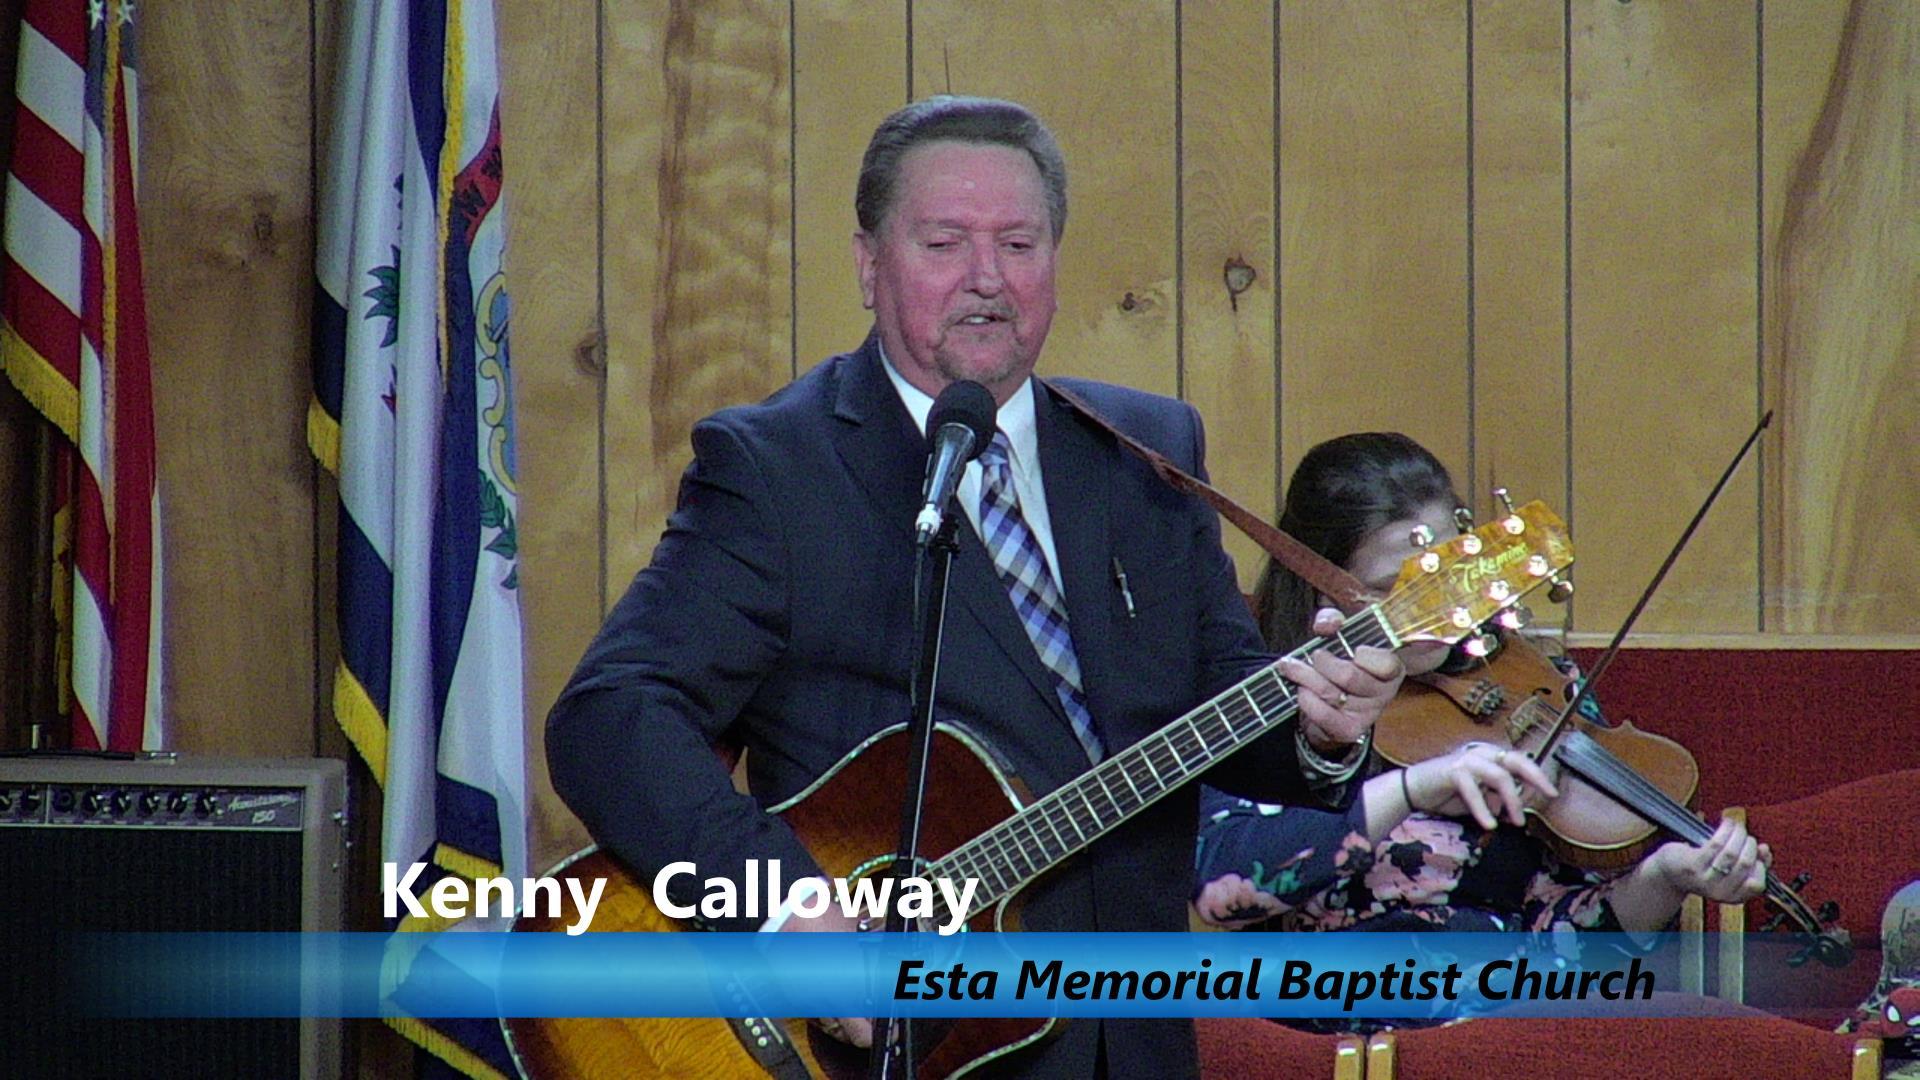 Kenny Calloway